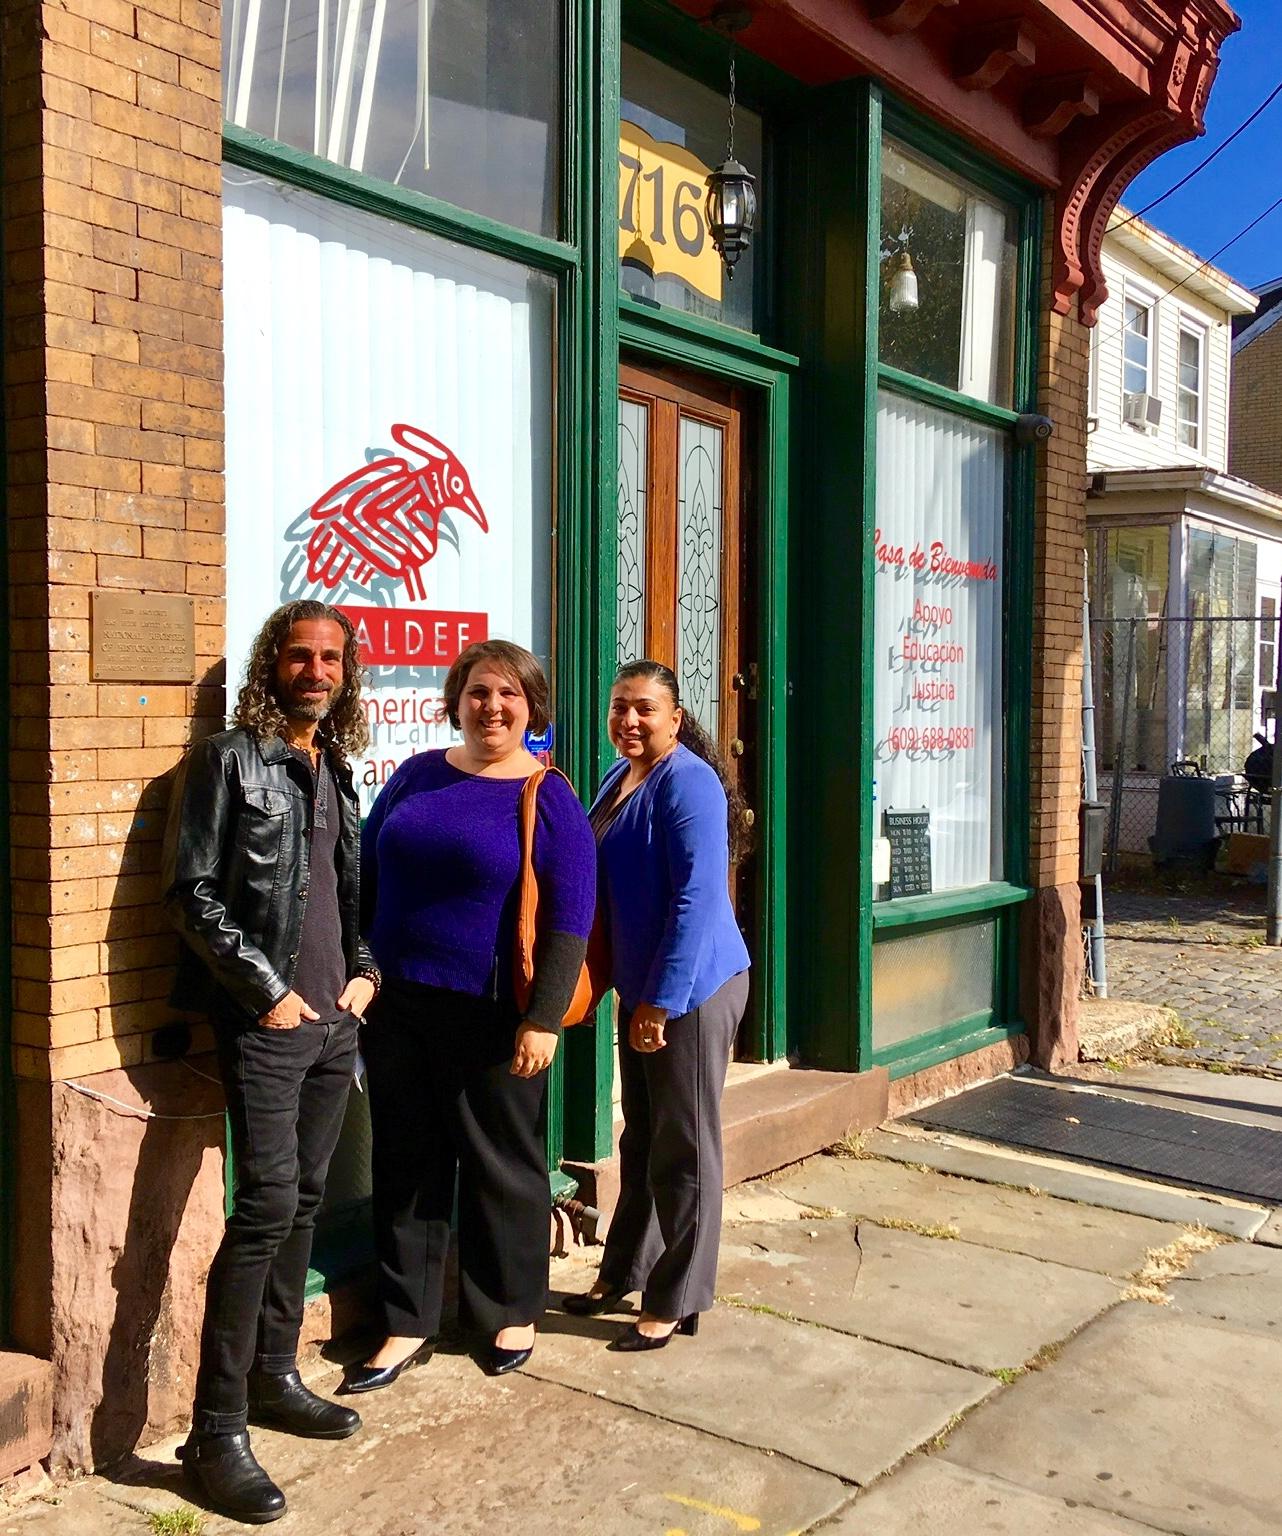 BRCSJ Chief Activist Robt Seda-Schreiber, Paster Alexis & Adriana @ LALDEF.jpg